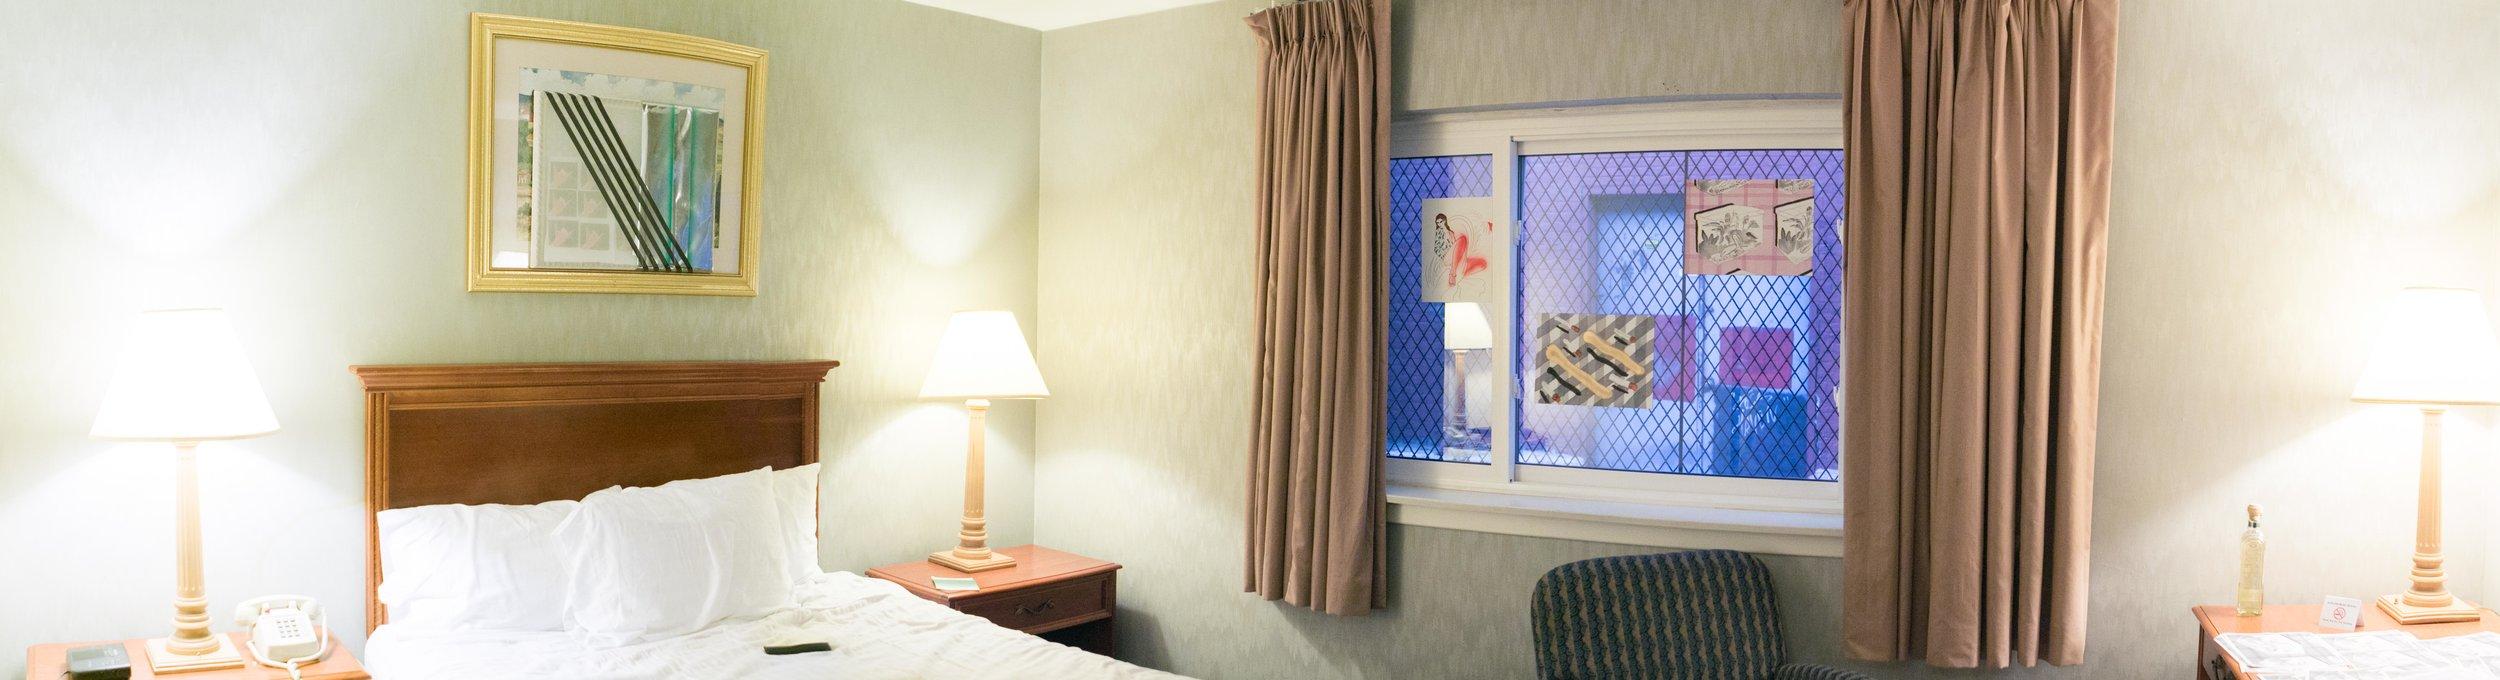 Motel_Install-56.jpg